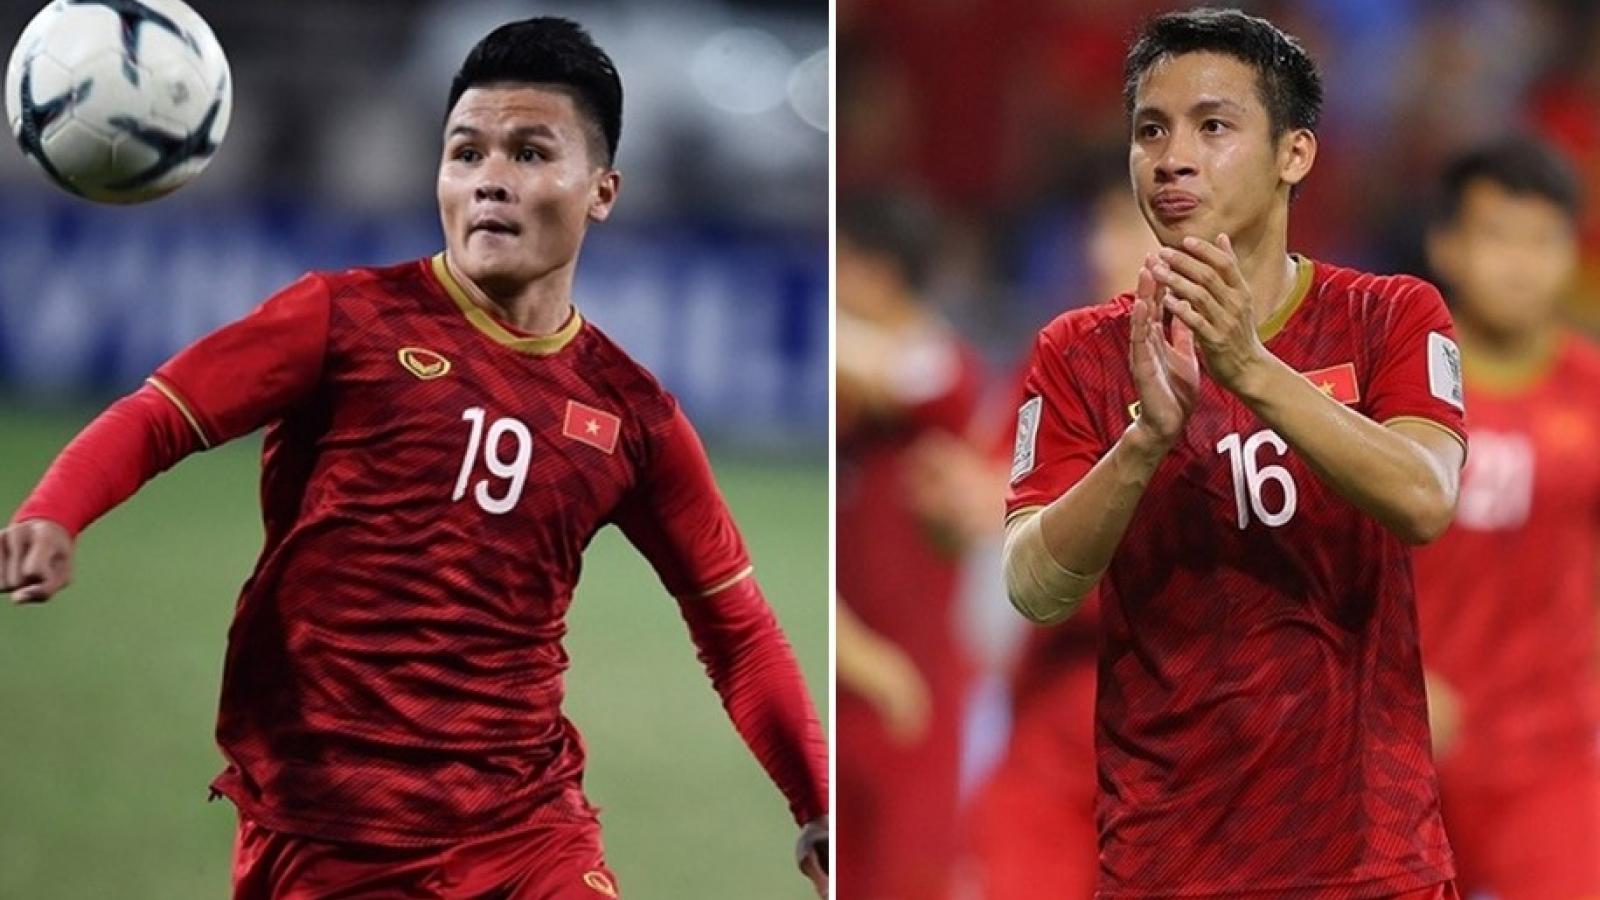 Báo Thái Lan tin tưởng Quang Hải, Hùng Dũng sẽ tỏa sáng ở J-League